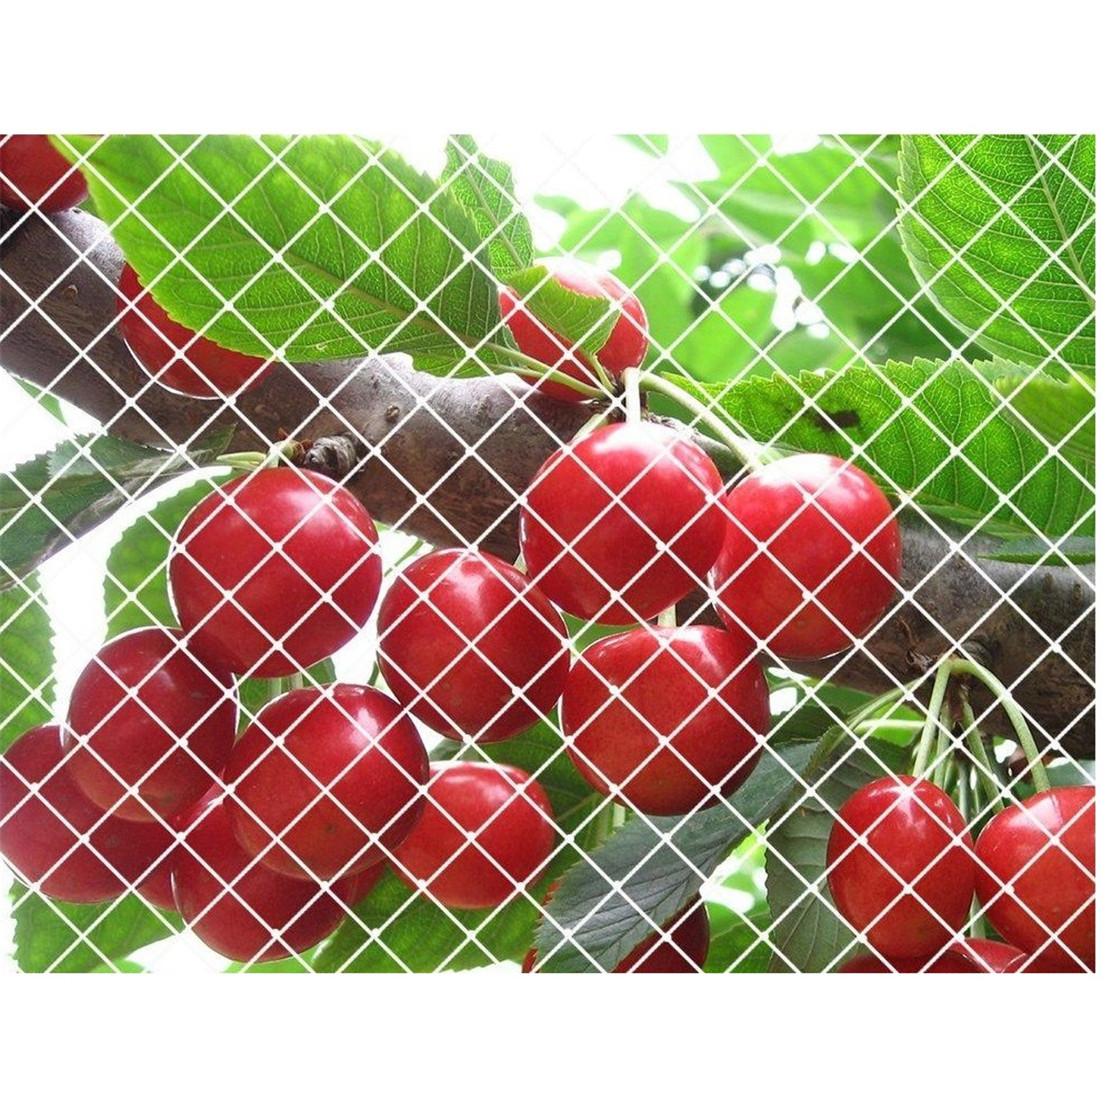 Agricultura anti Bird Red de Protección